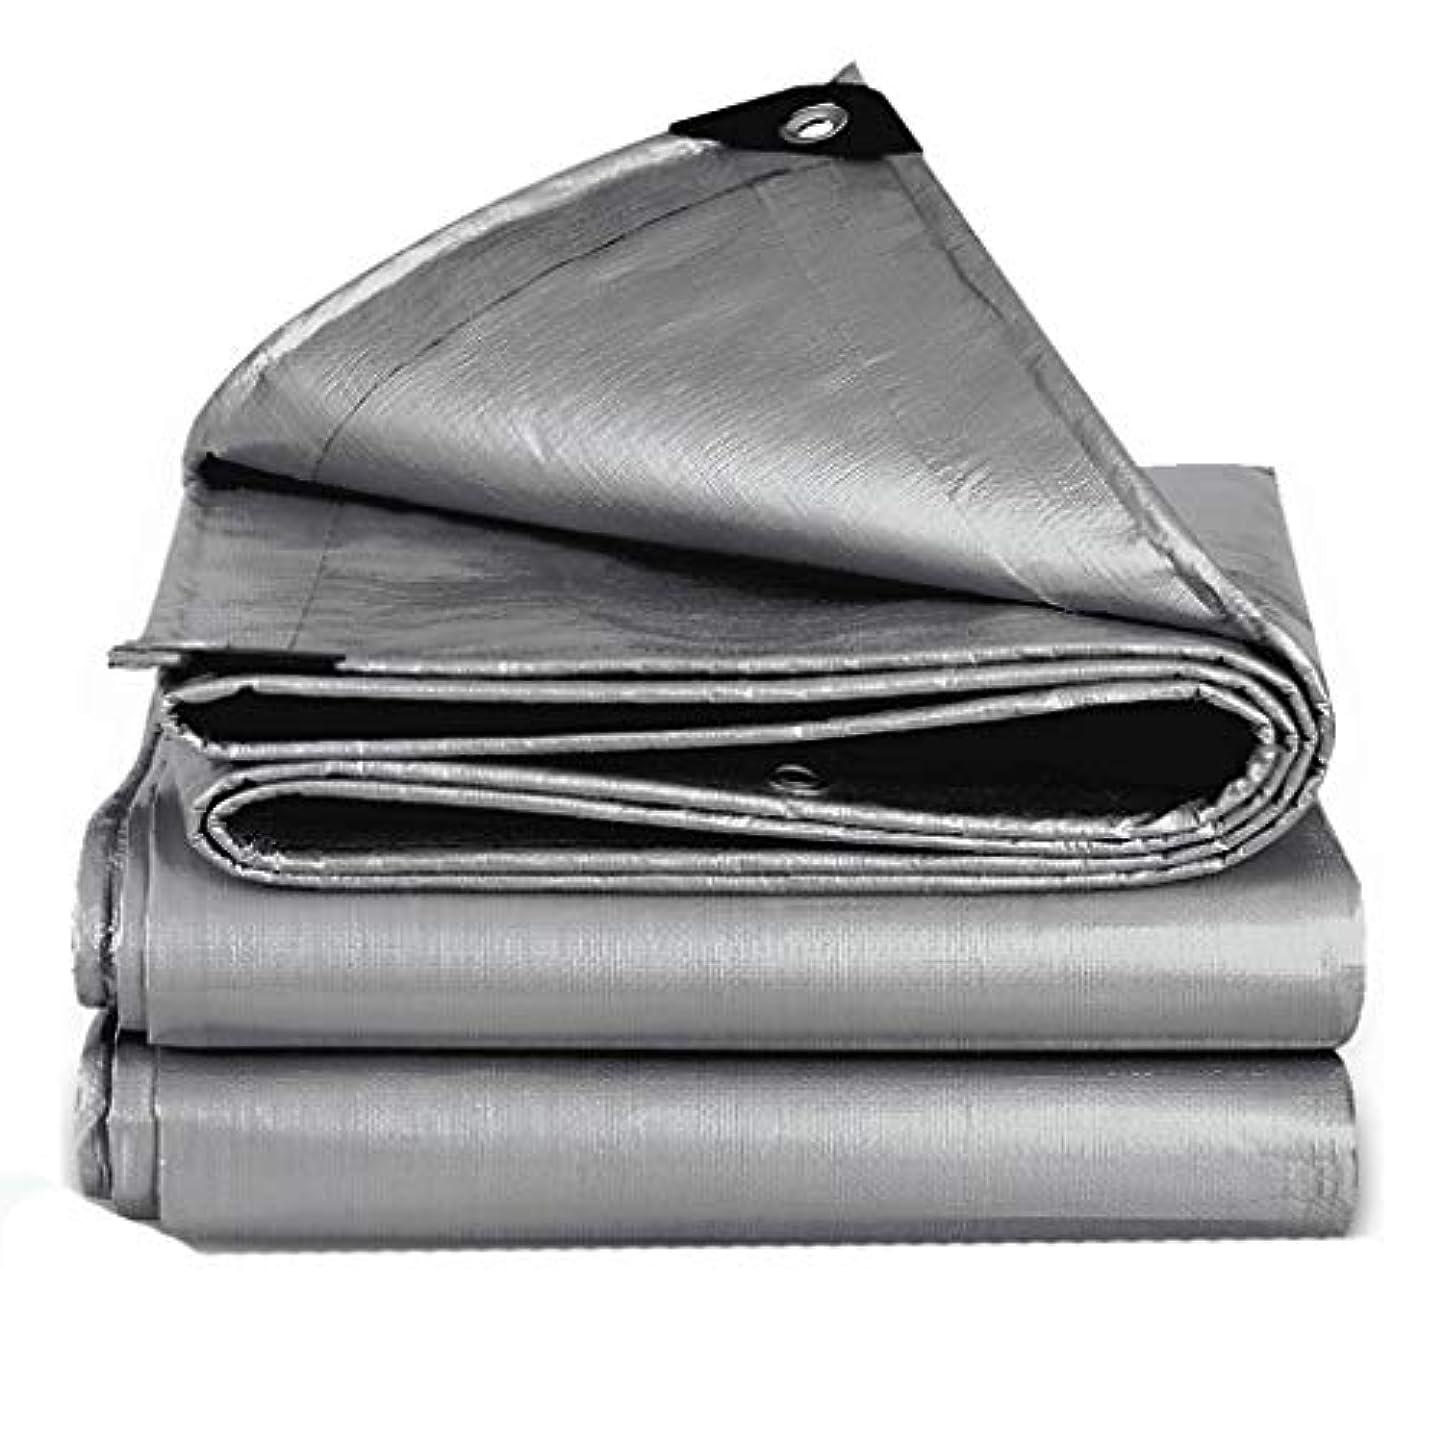 道徳教育節約するポゴスティックジャンプ防雨布カーサンシェード屋外シェード布肥厚防雨布防水日焼け止め防水シート雨小屋 (サイズ さいず : 2m*3m)